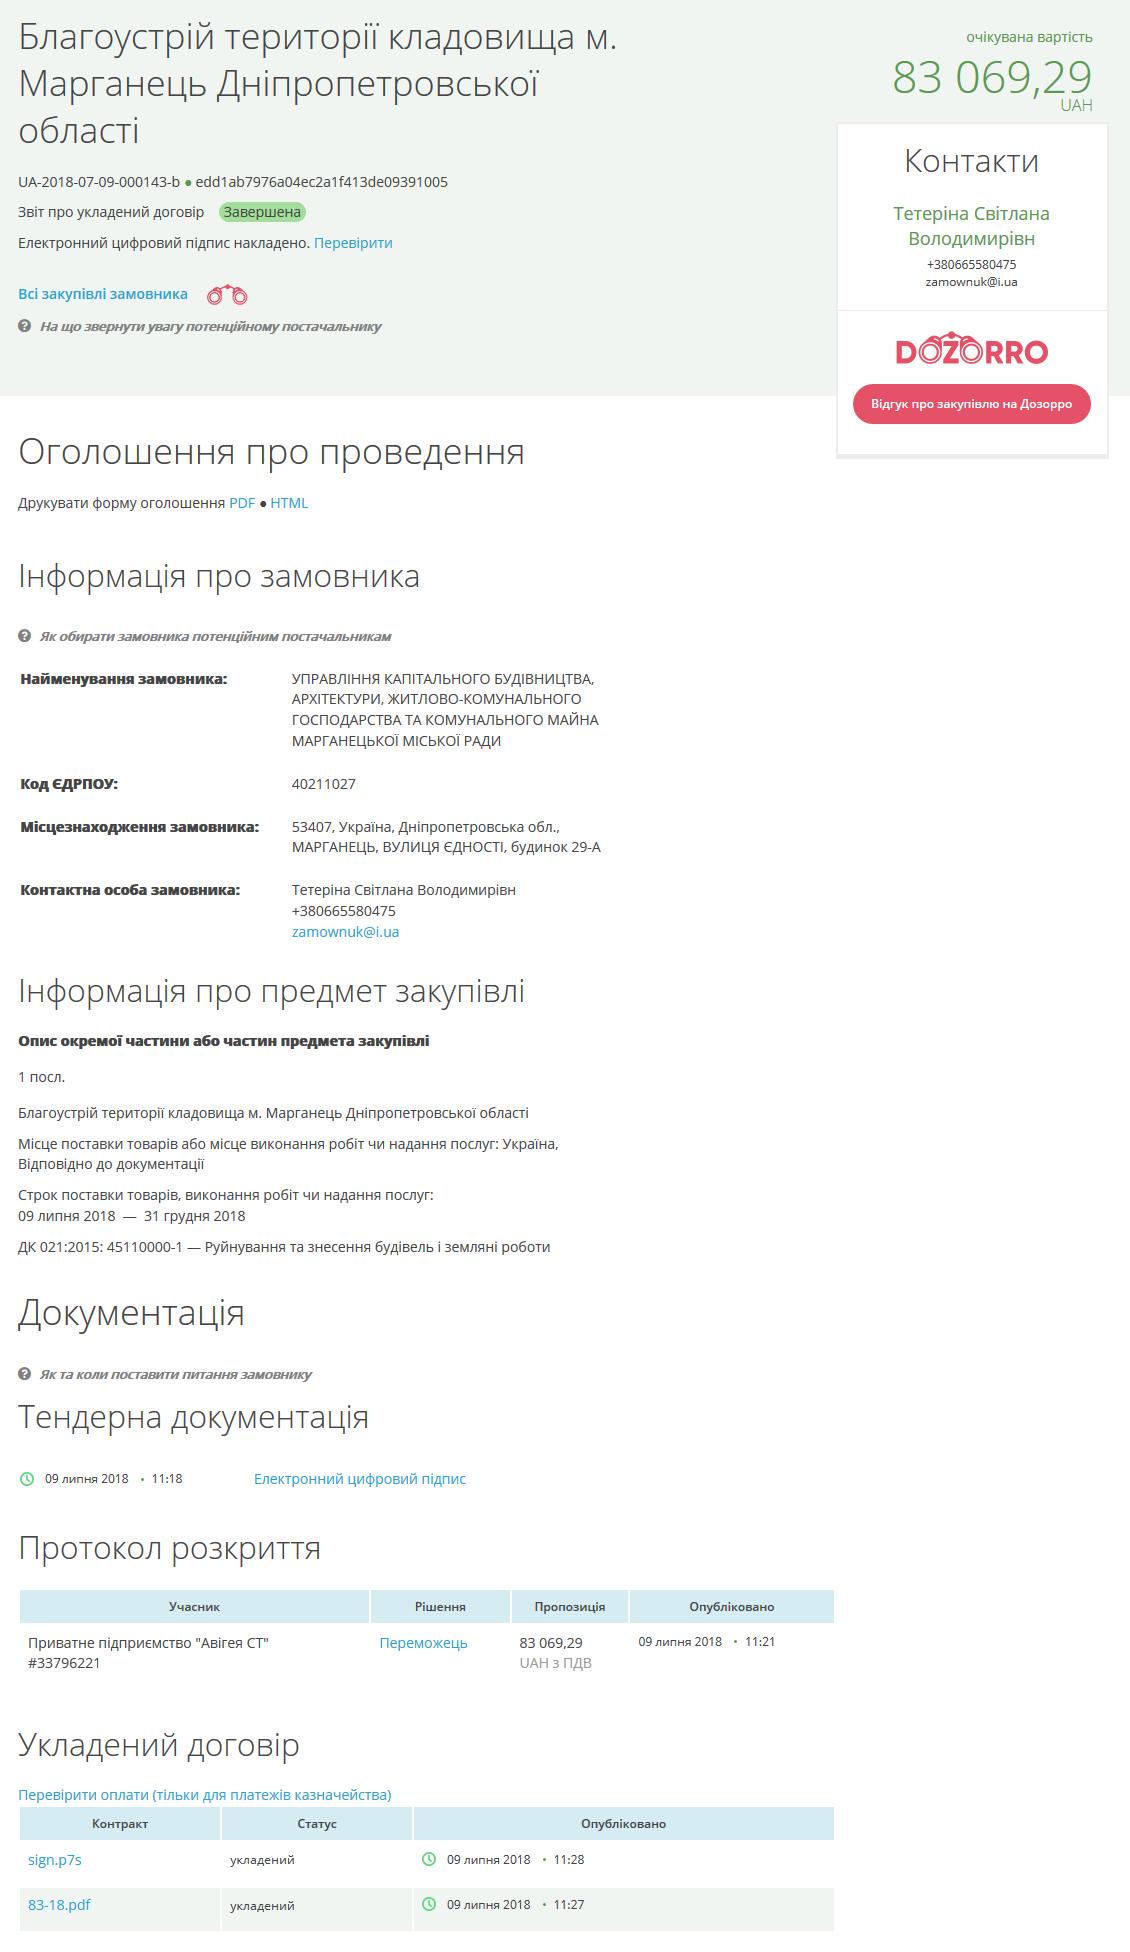 Screenshot_2018-07-09 Благоустрій території кладовища м Марганець Дніпропетровської області